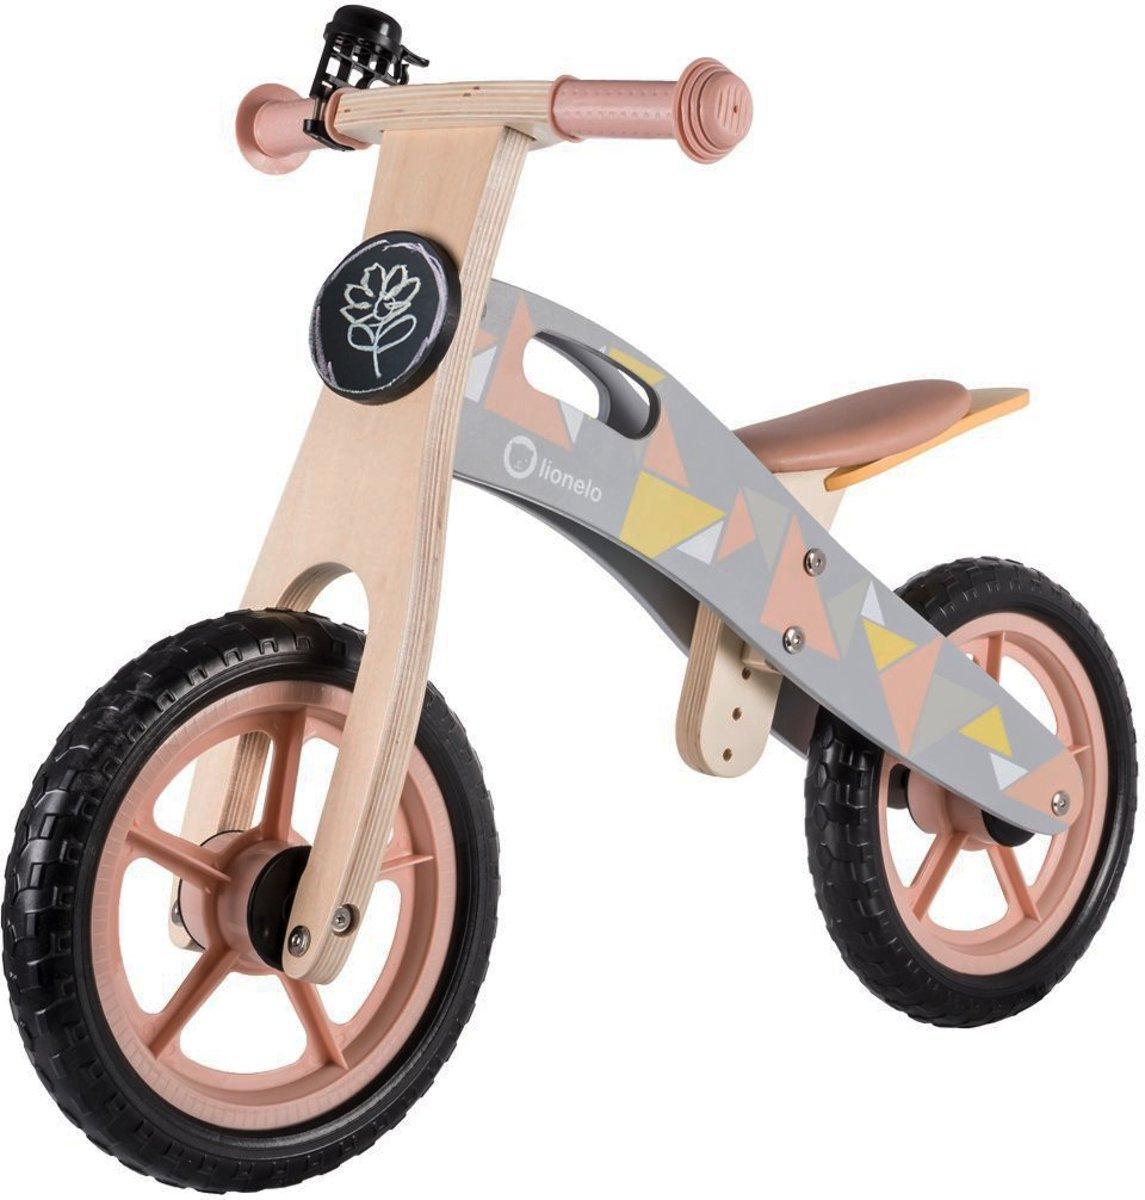 Lionelo Casper - lichtgewicht houten loopfiets - Roze